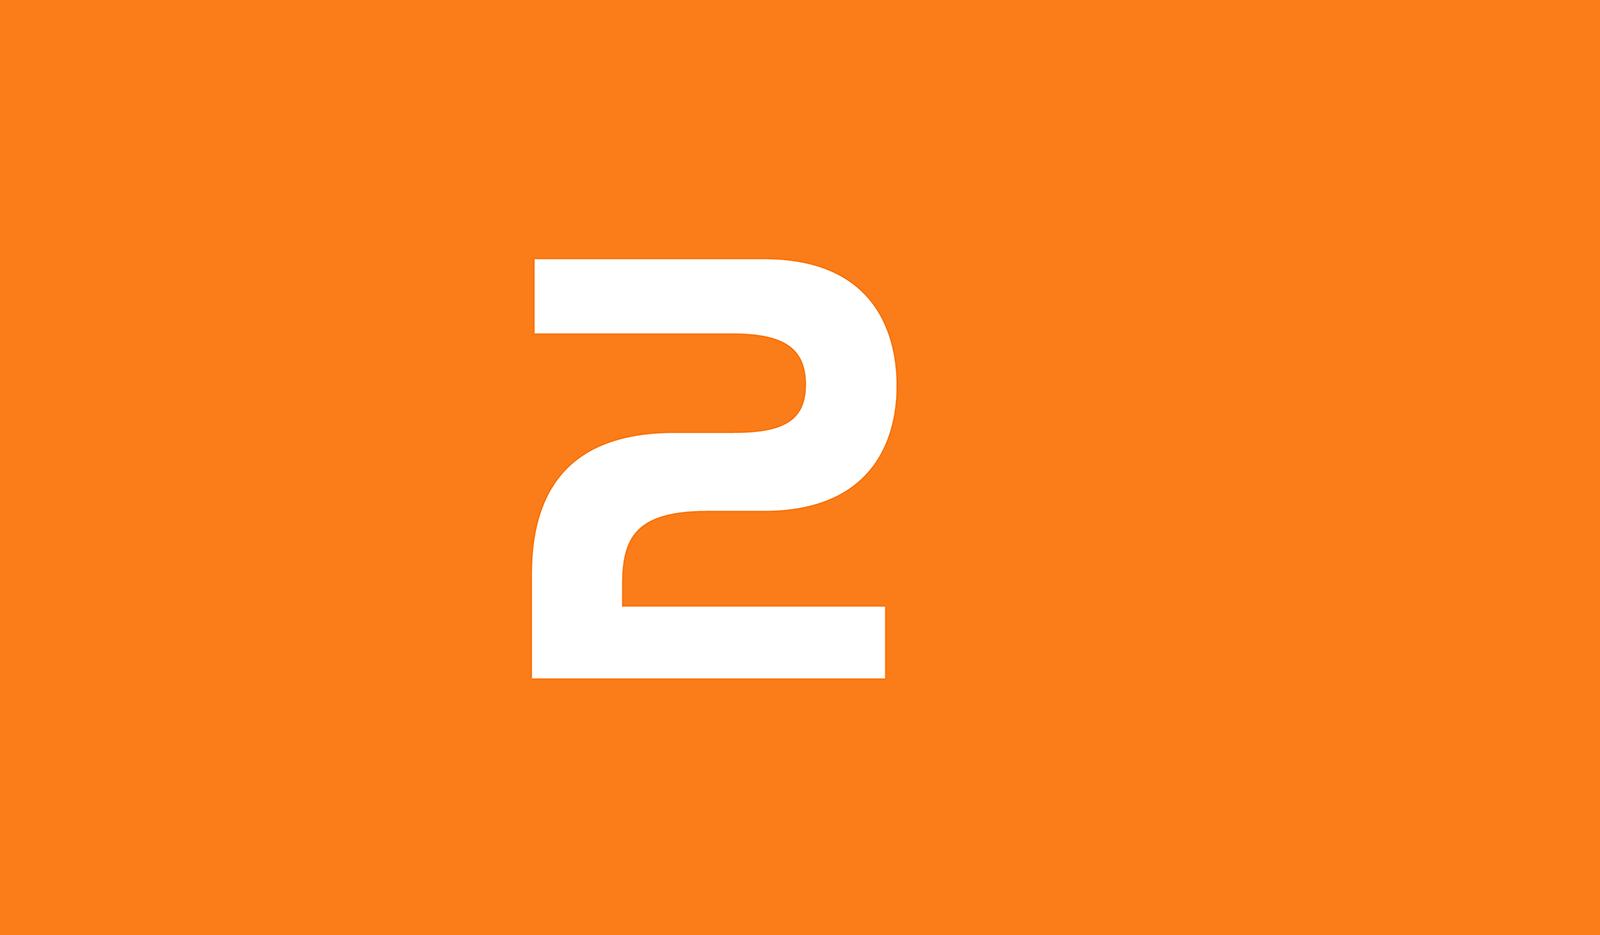 ZDF – Zweites Deutsches Fernsehen